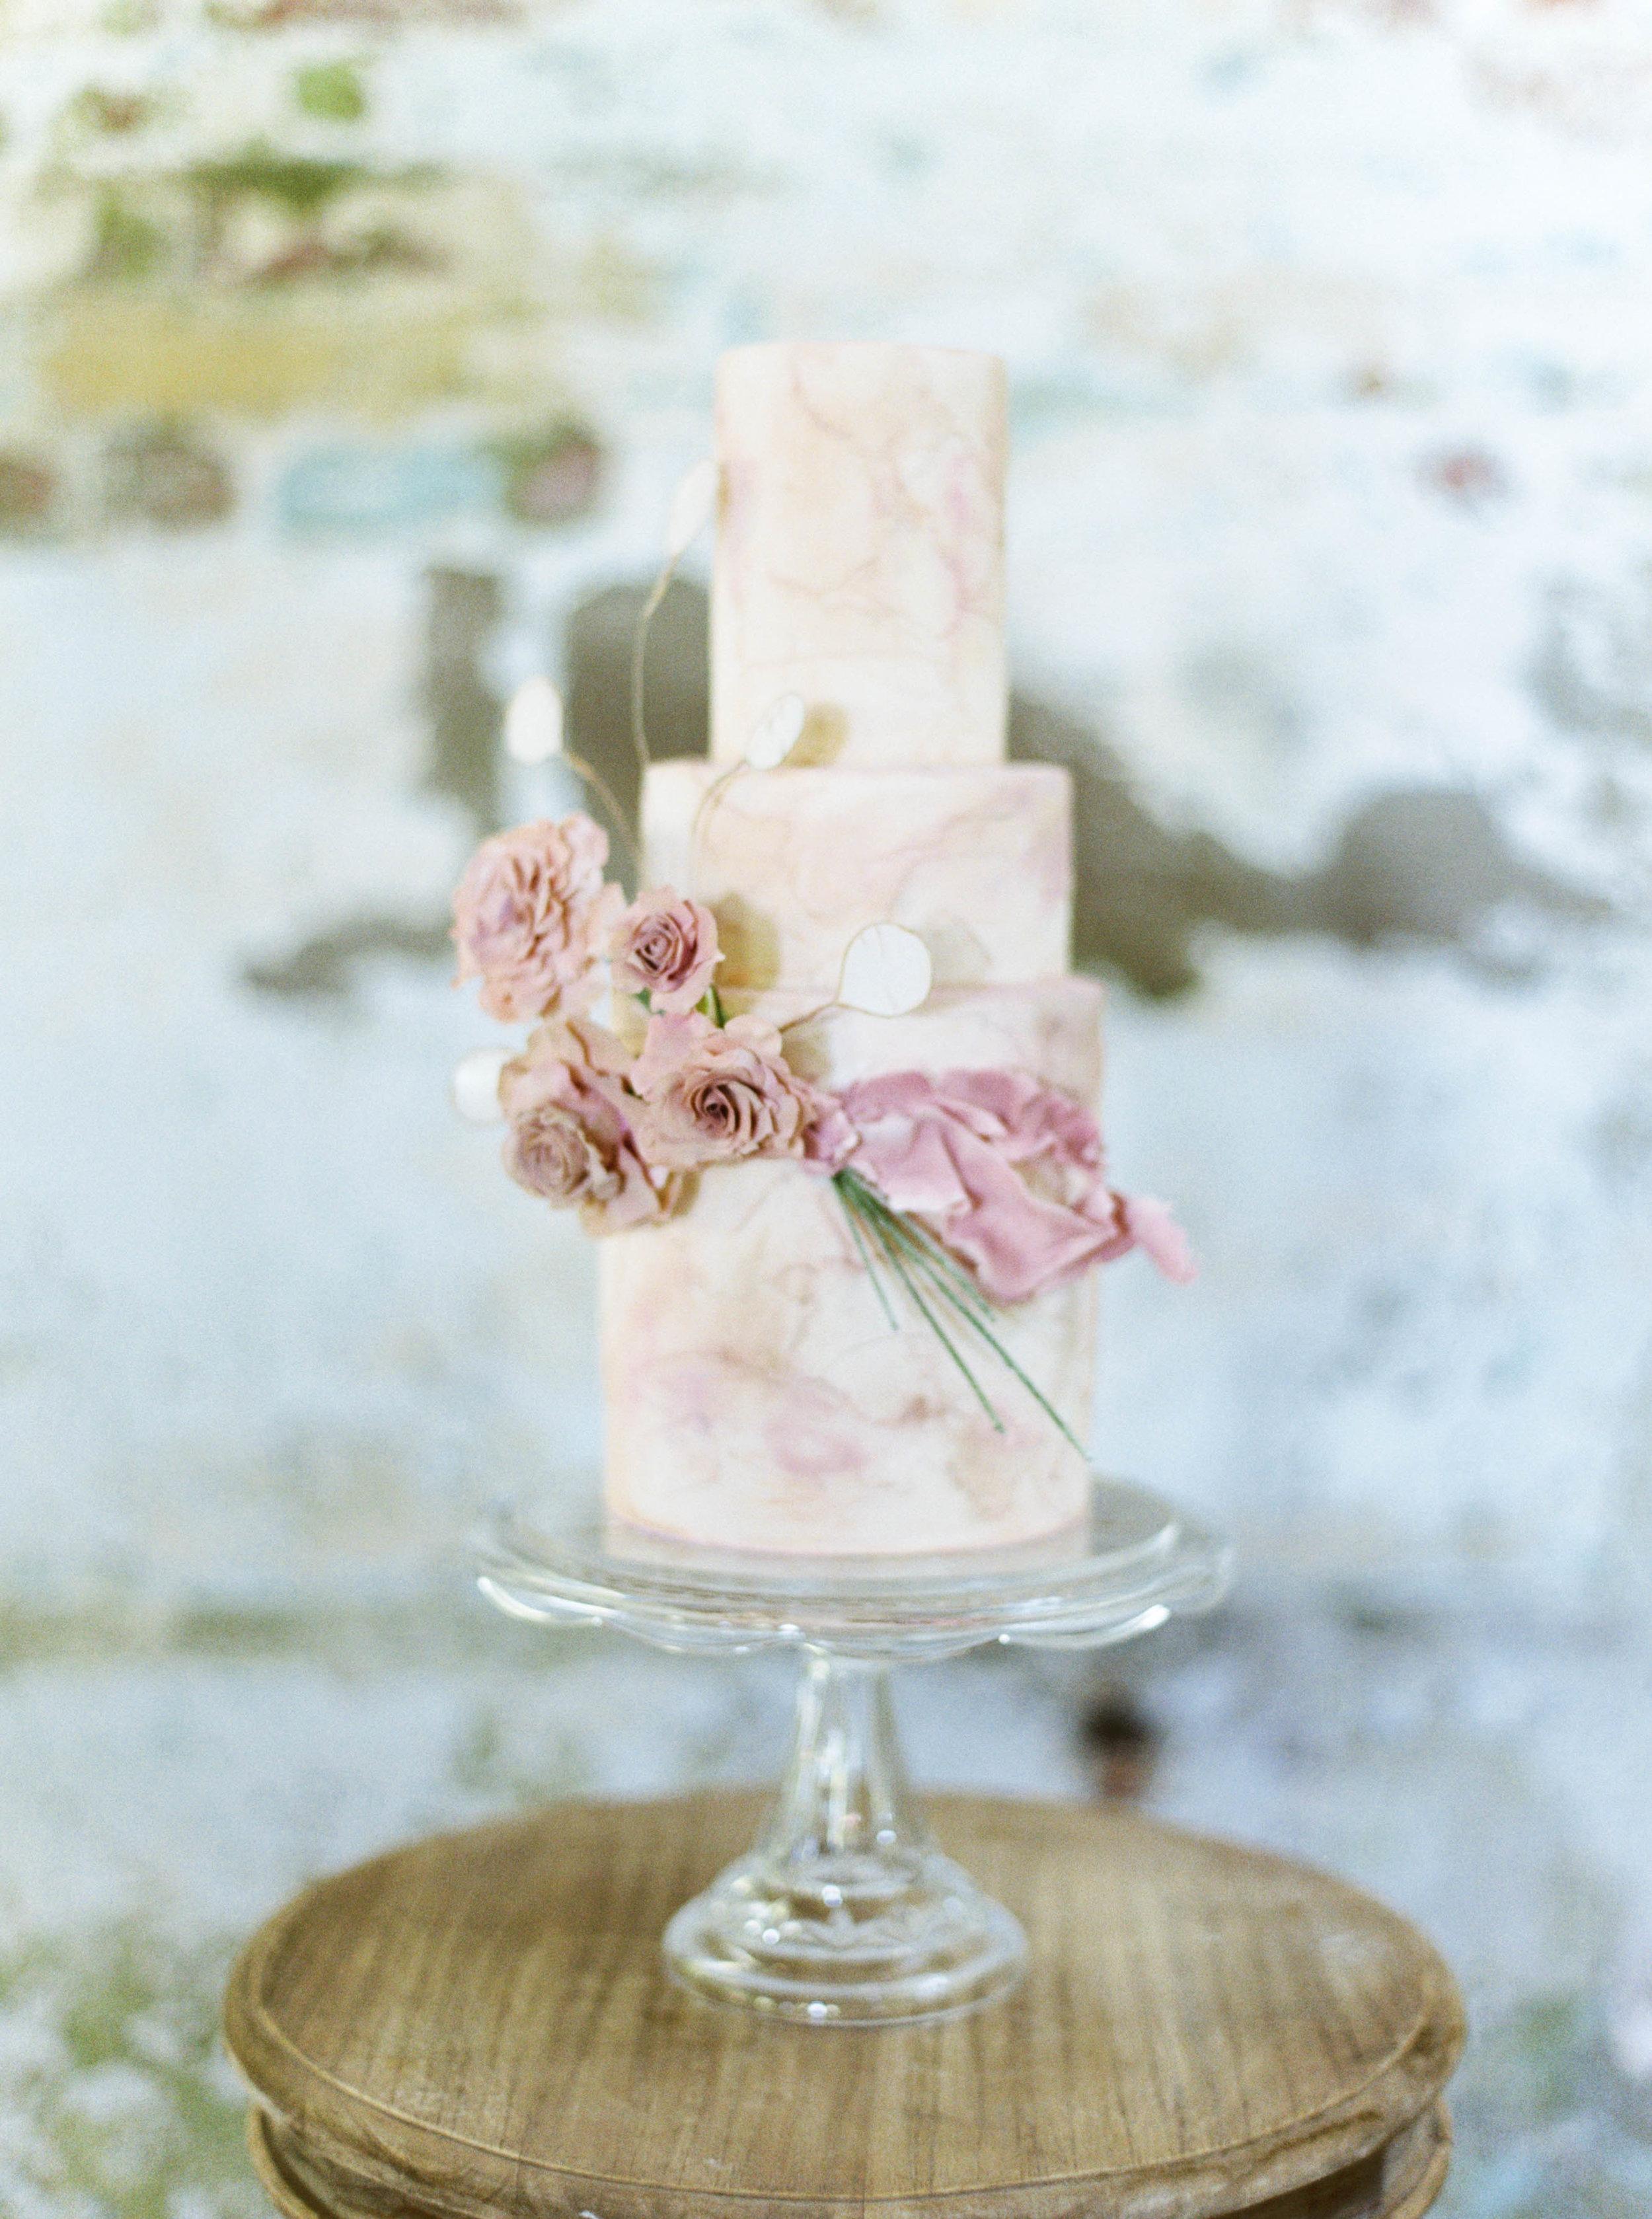 Cake Flower Houston Wedding Details.jpg